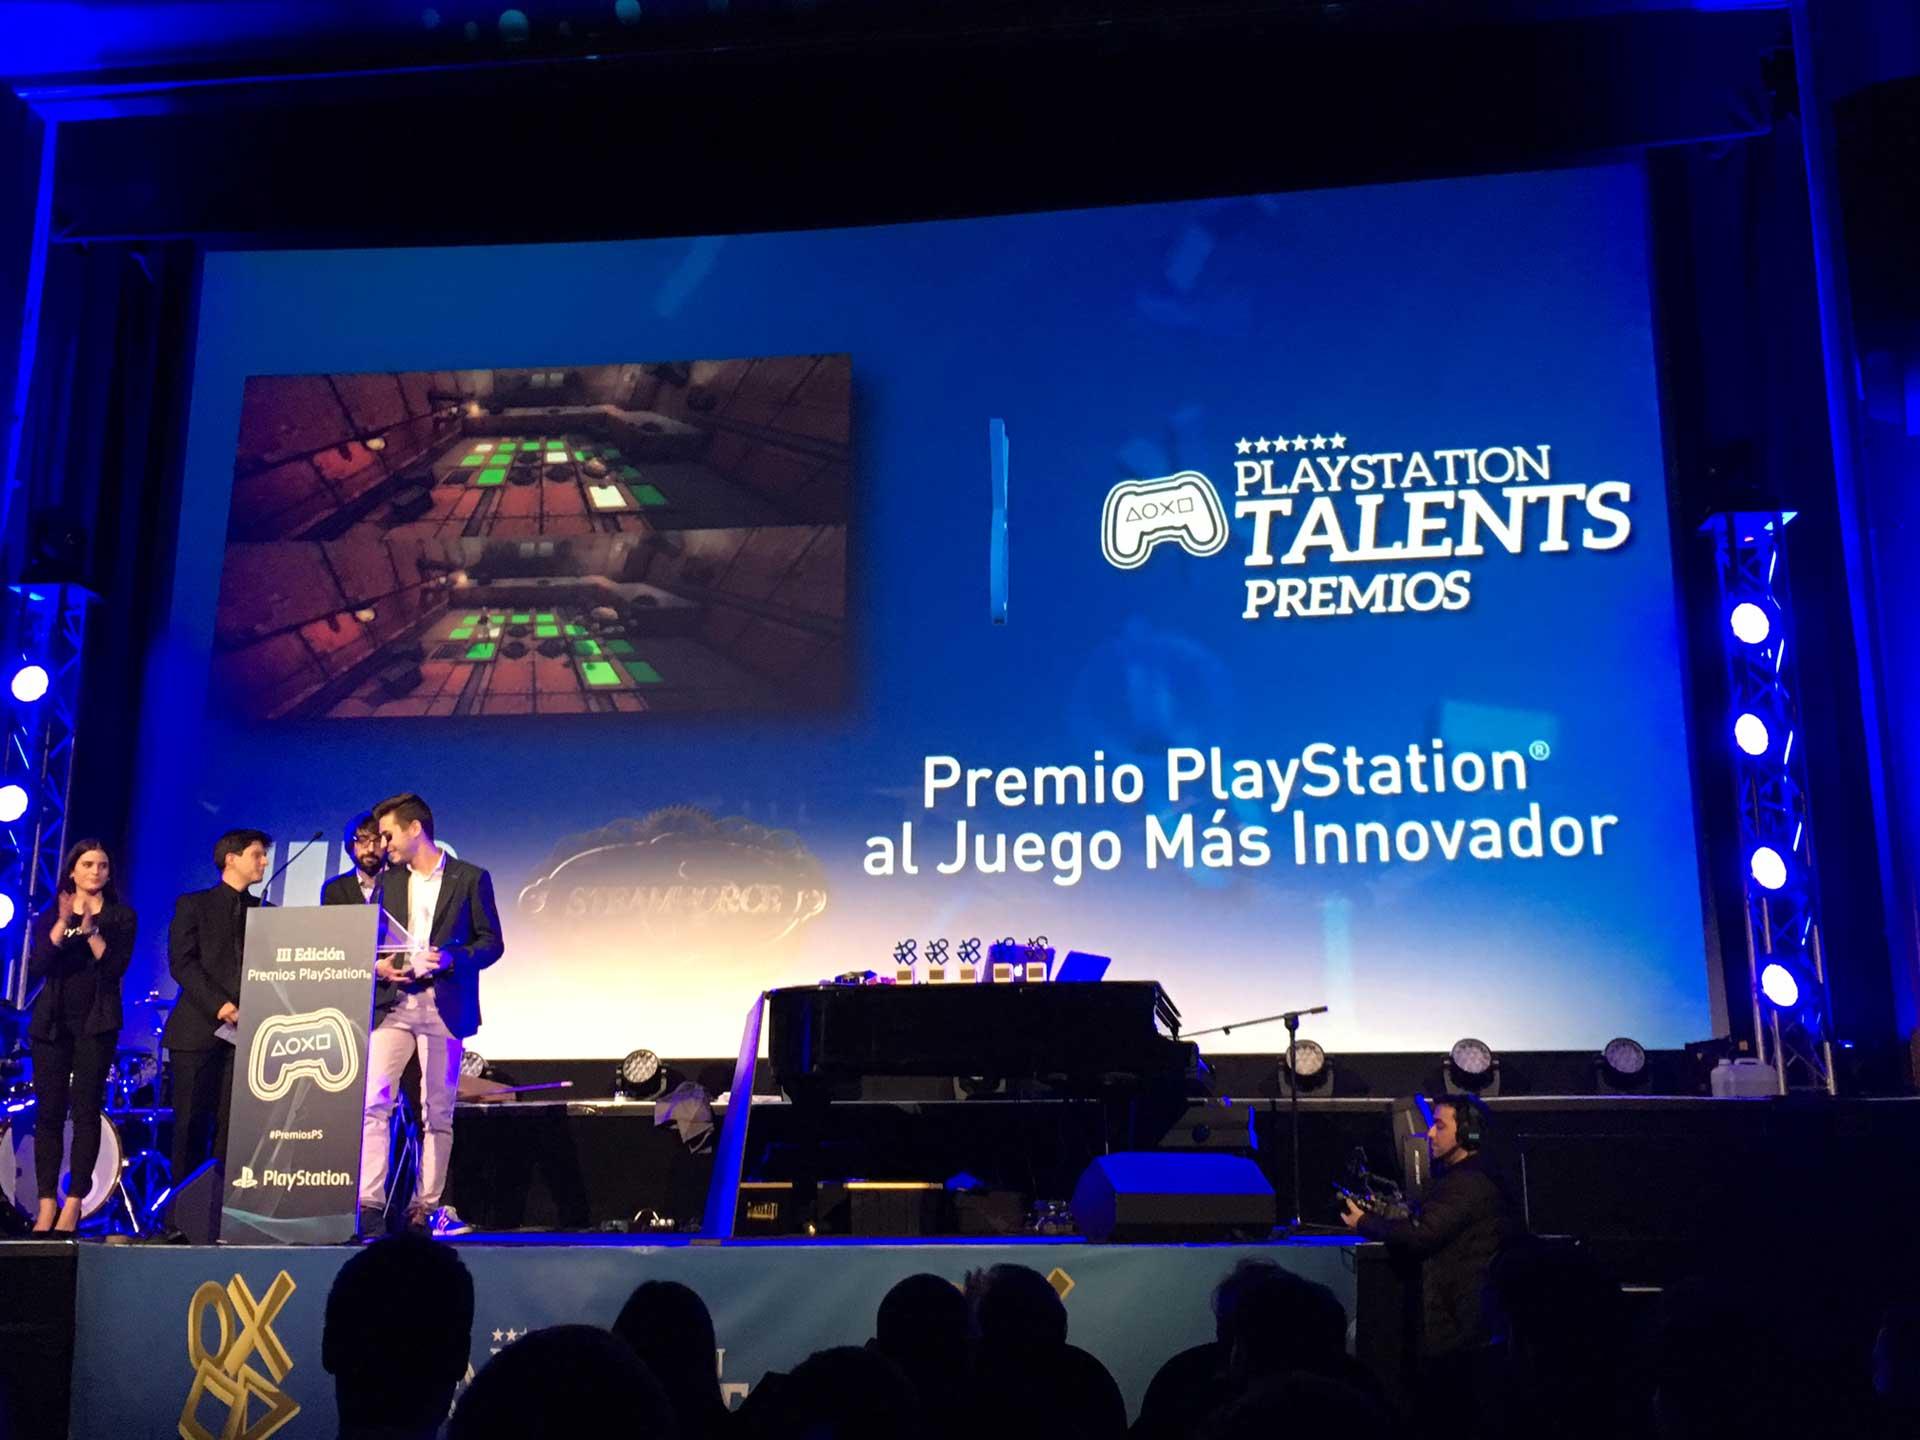 Juego más innovador premios PS